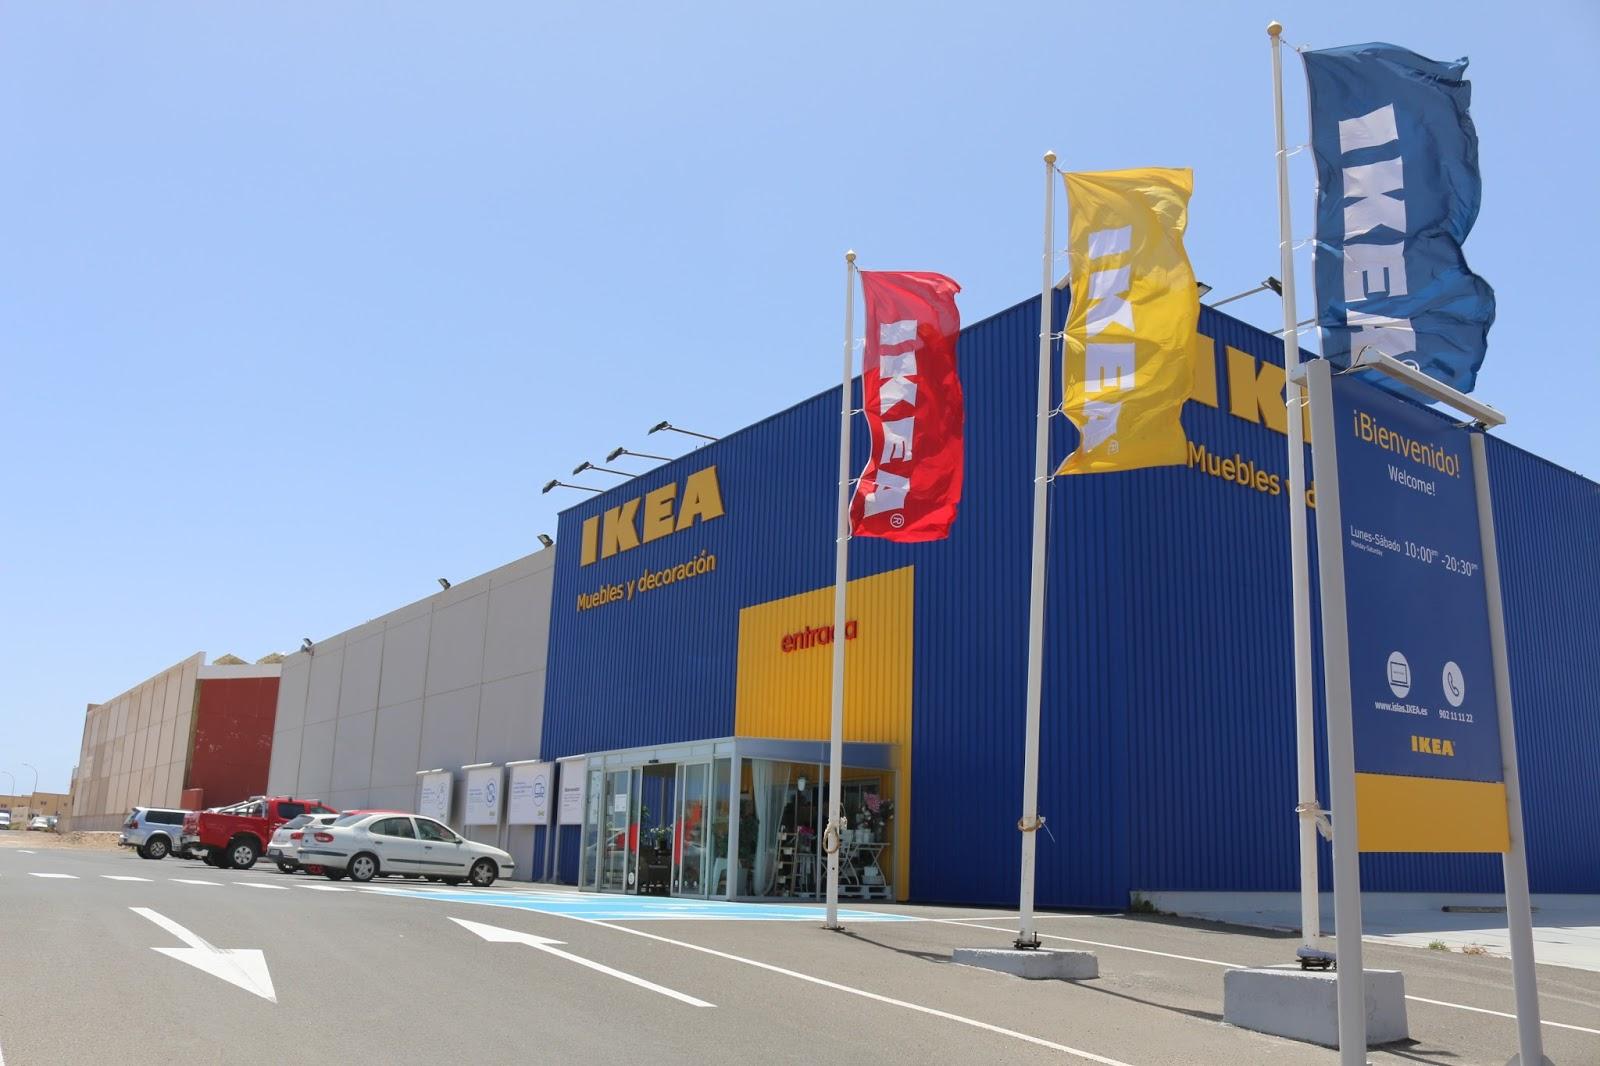 ikea anuncia al de antigua la apertura de un centro de venta en la zona industrial costa de antigua